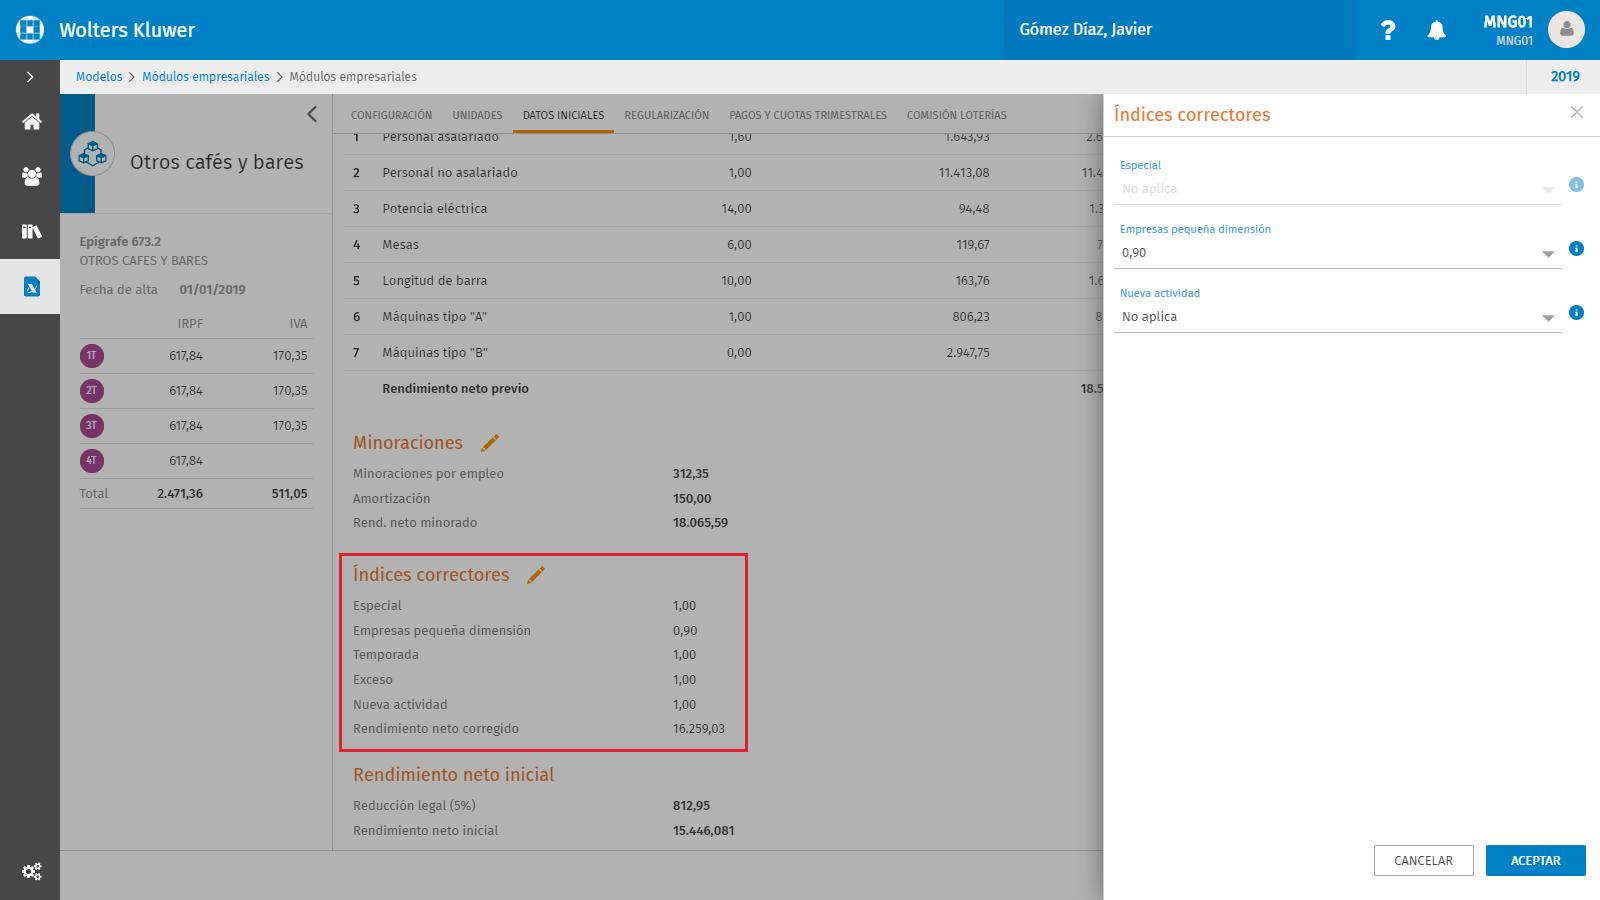 Modulos empresariales Datos iniciales Indices Correctores2